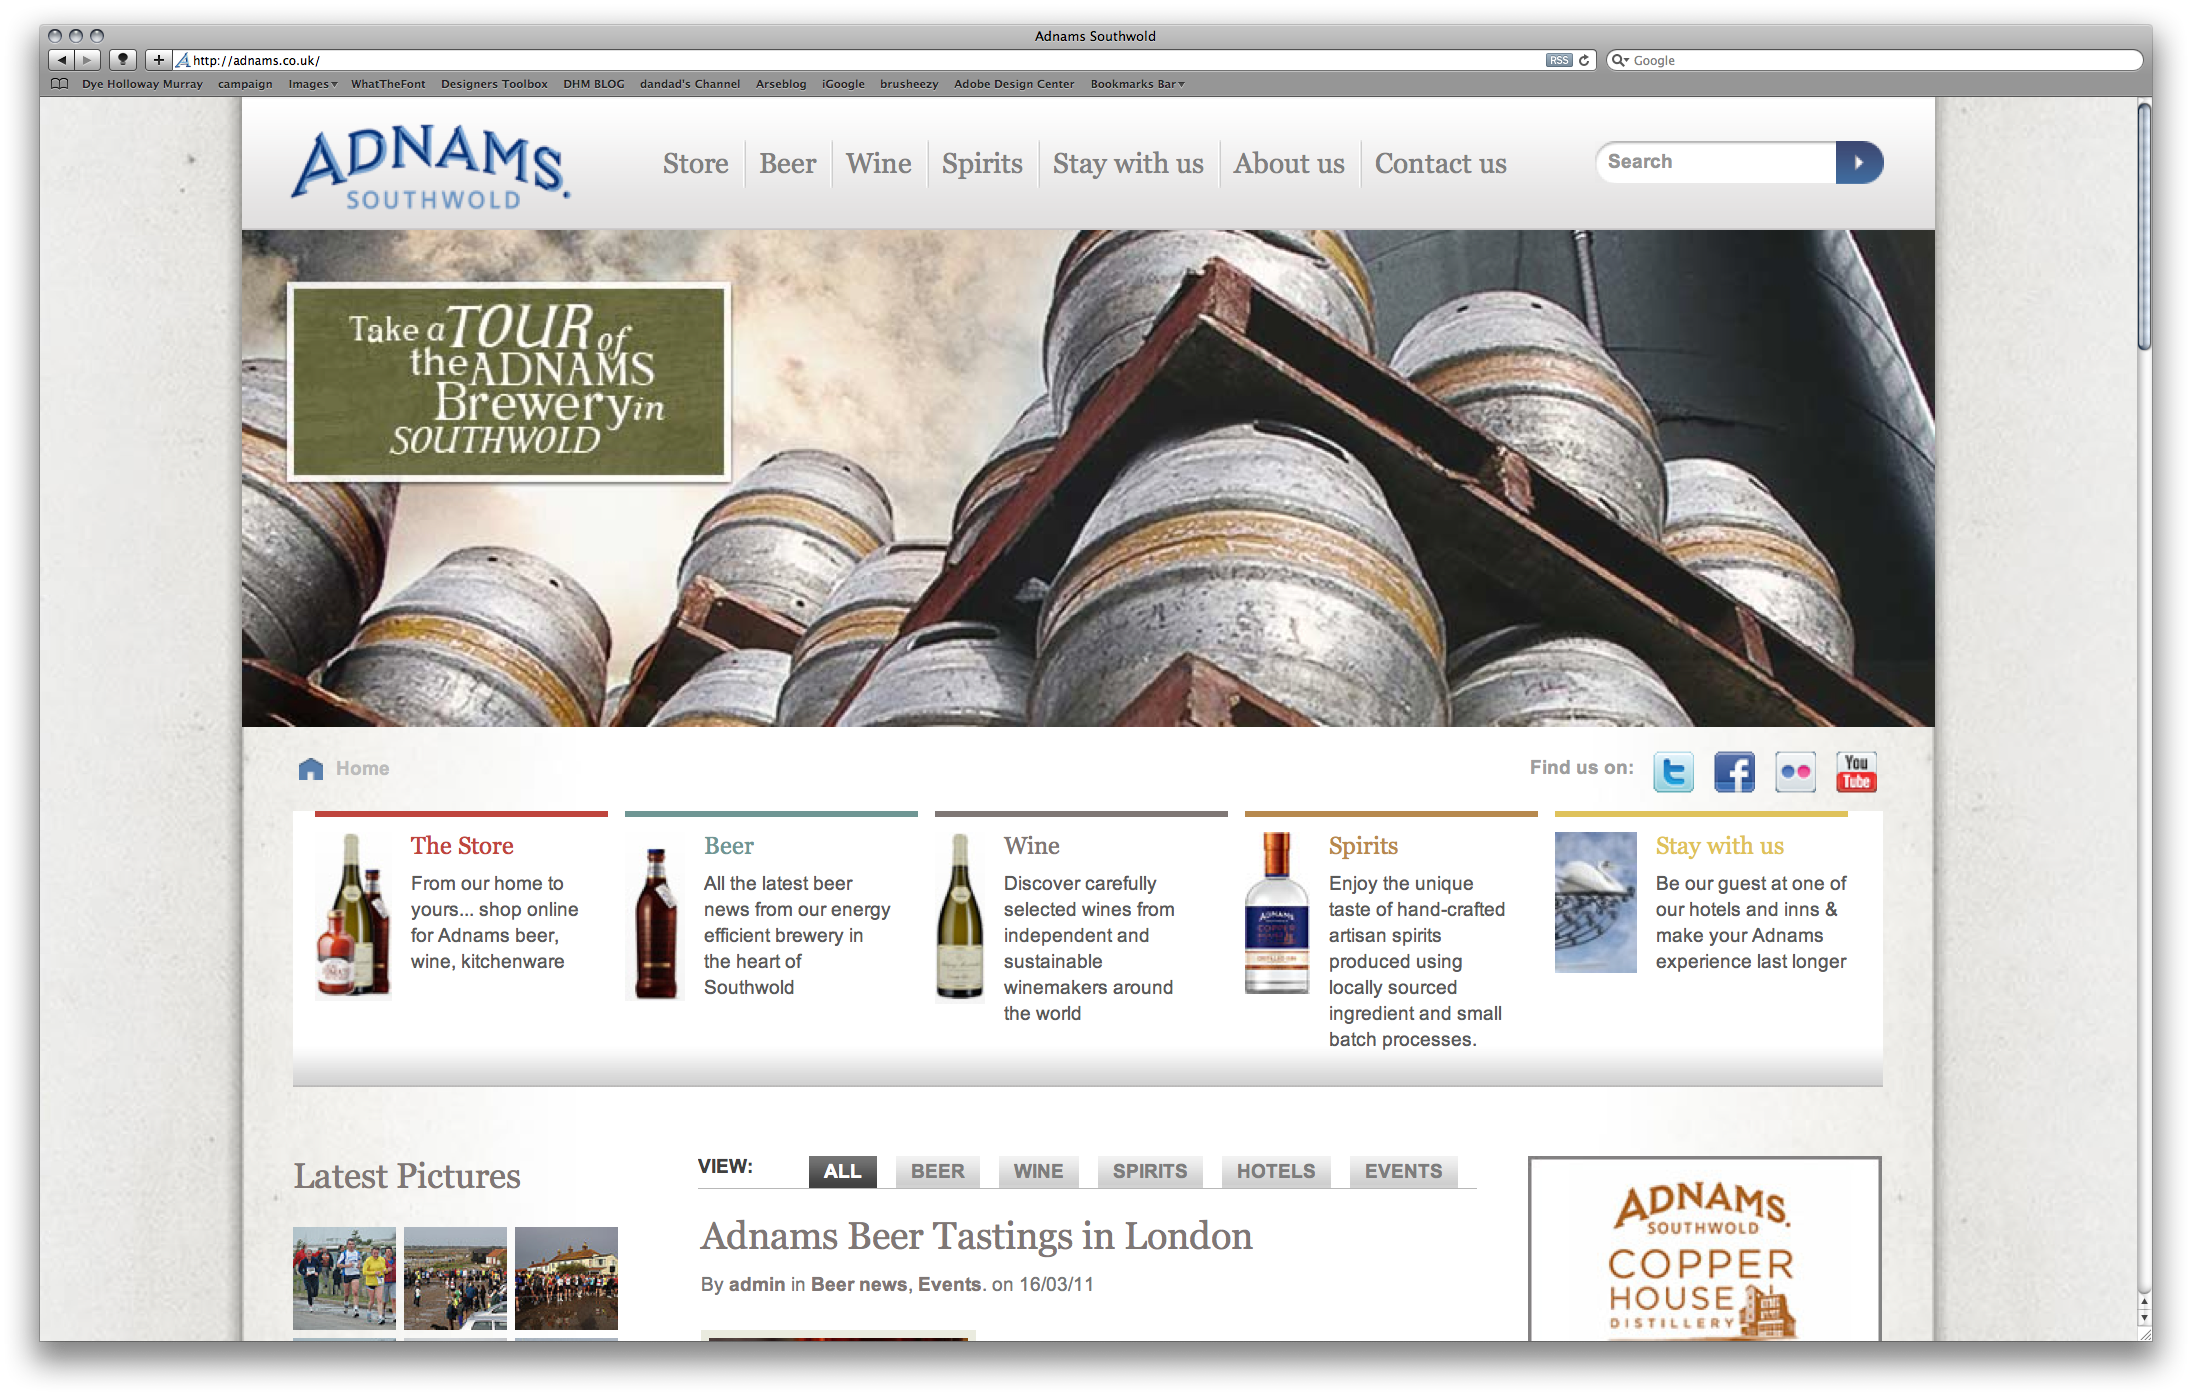 Adnams webpage